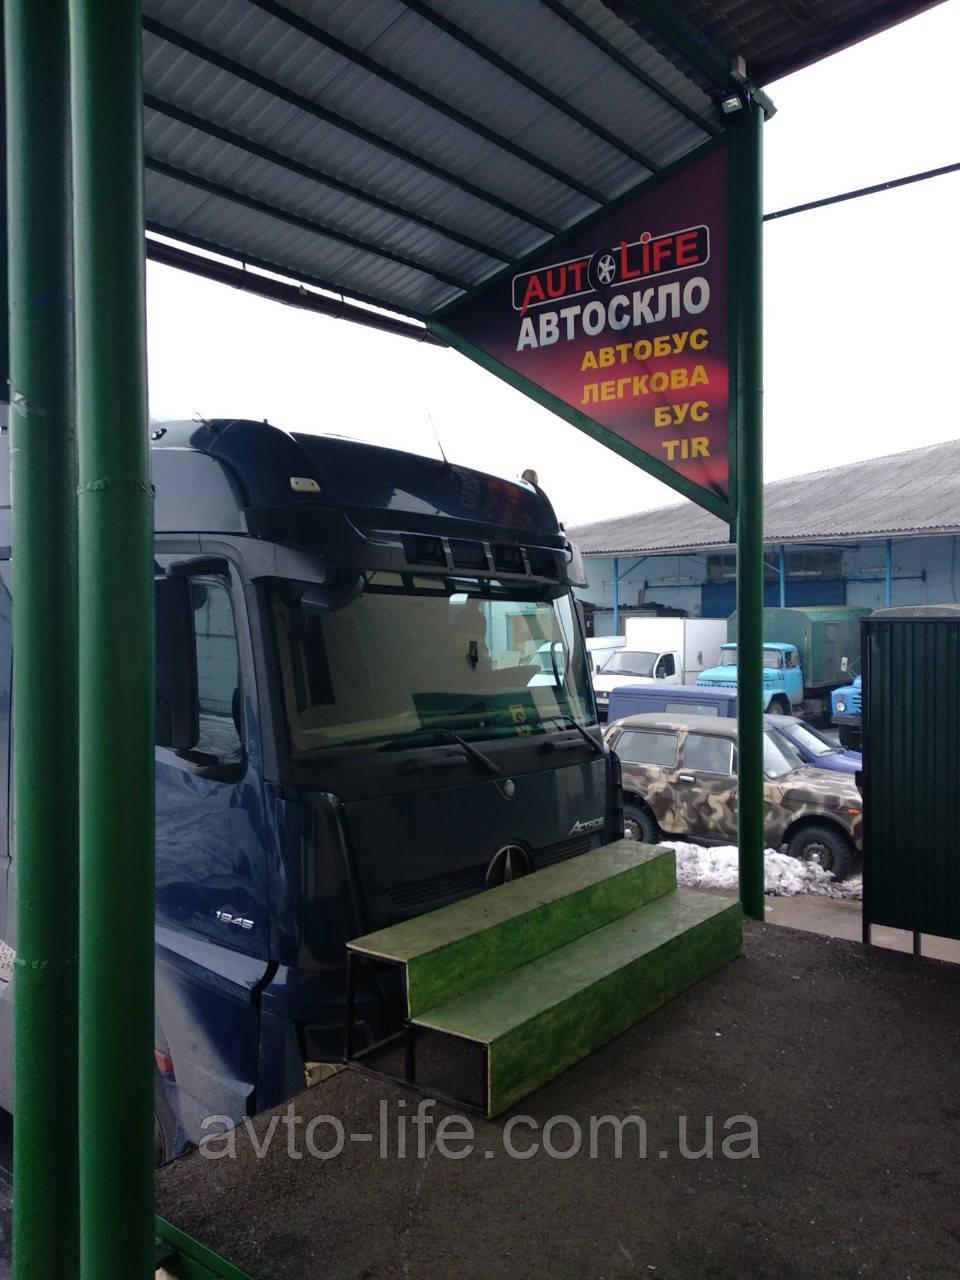 Оригинальное лобовое стеклоMercedes Actros (грузовик) (1996-)  автостекло Актрос   лобове скло Актрос